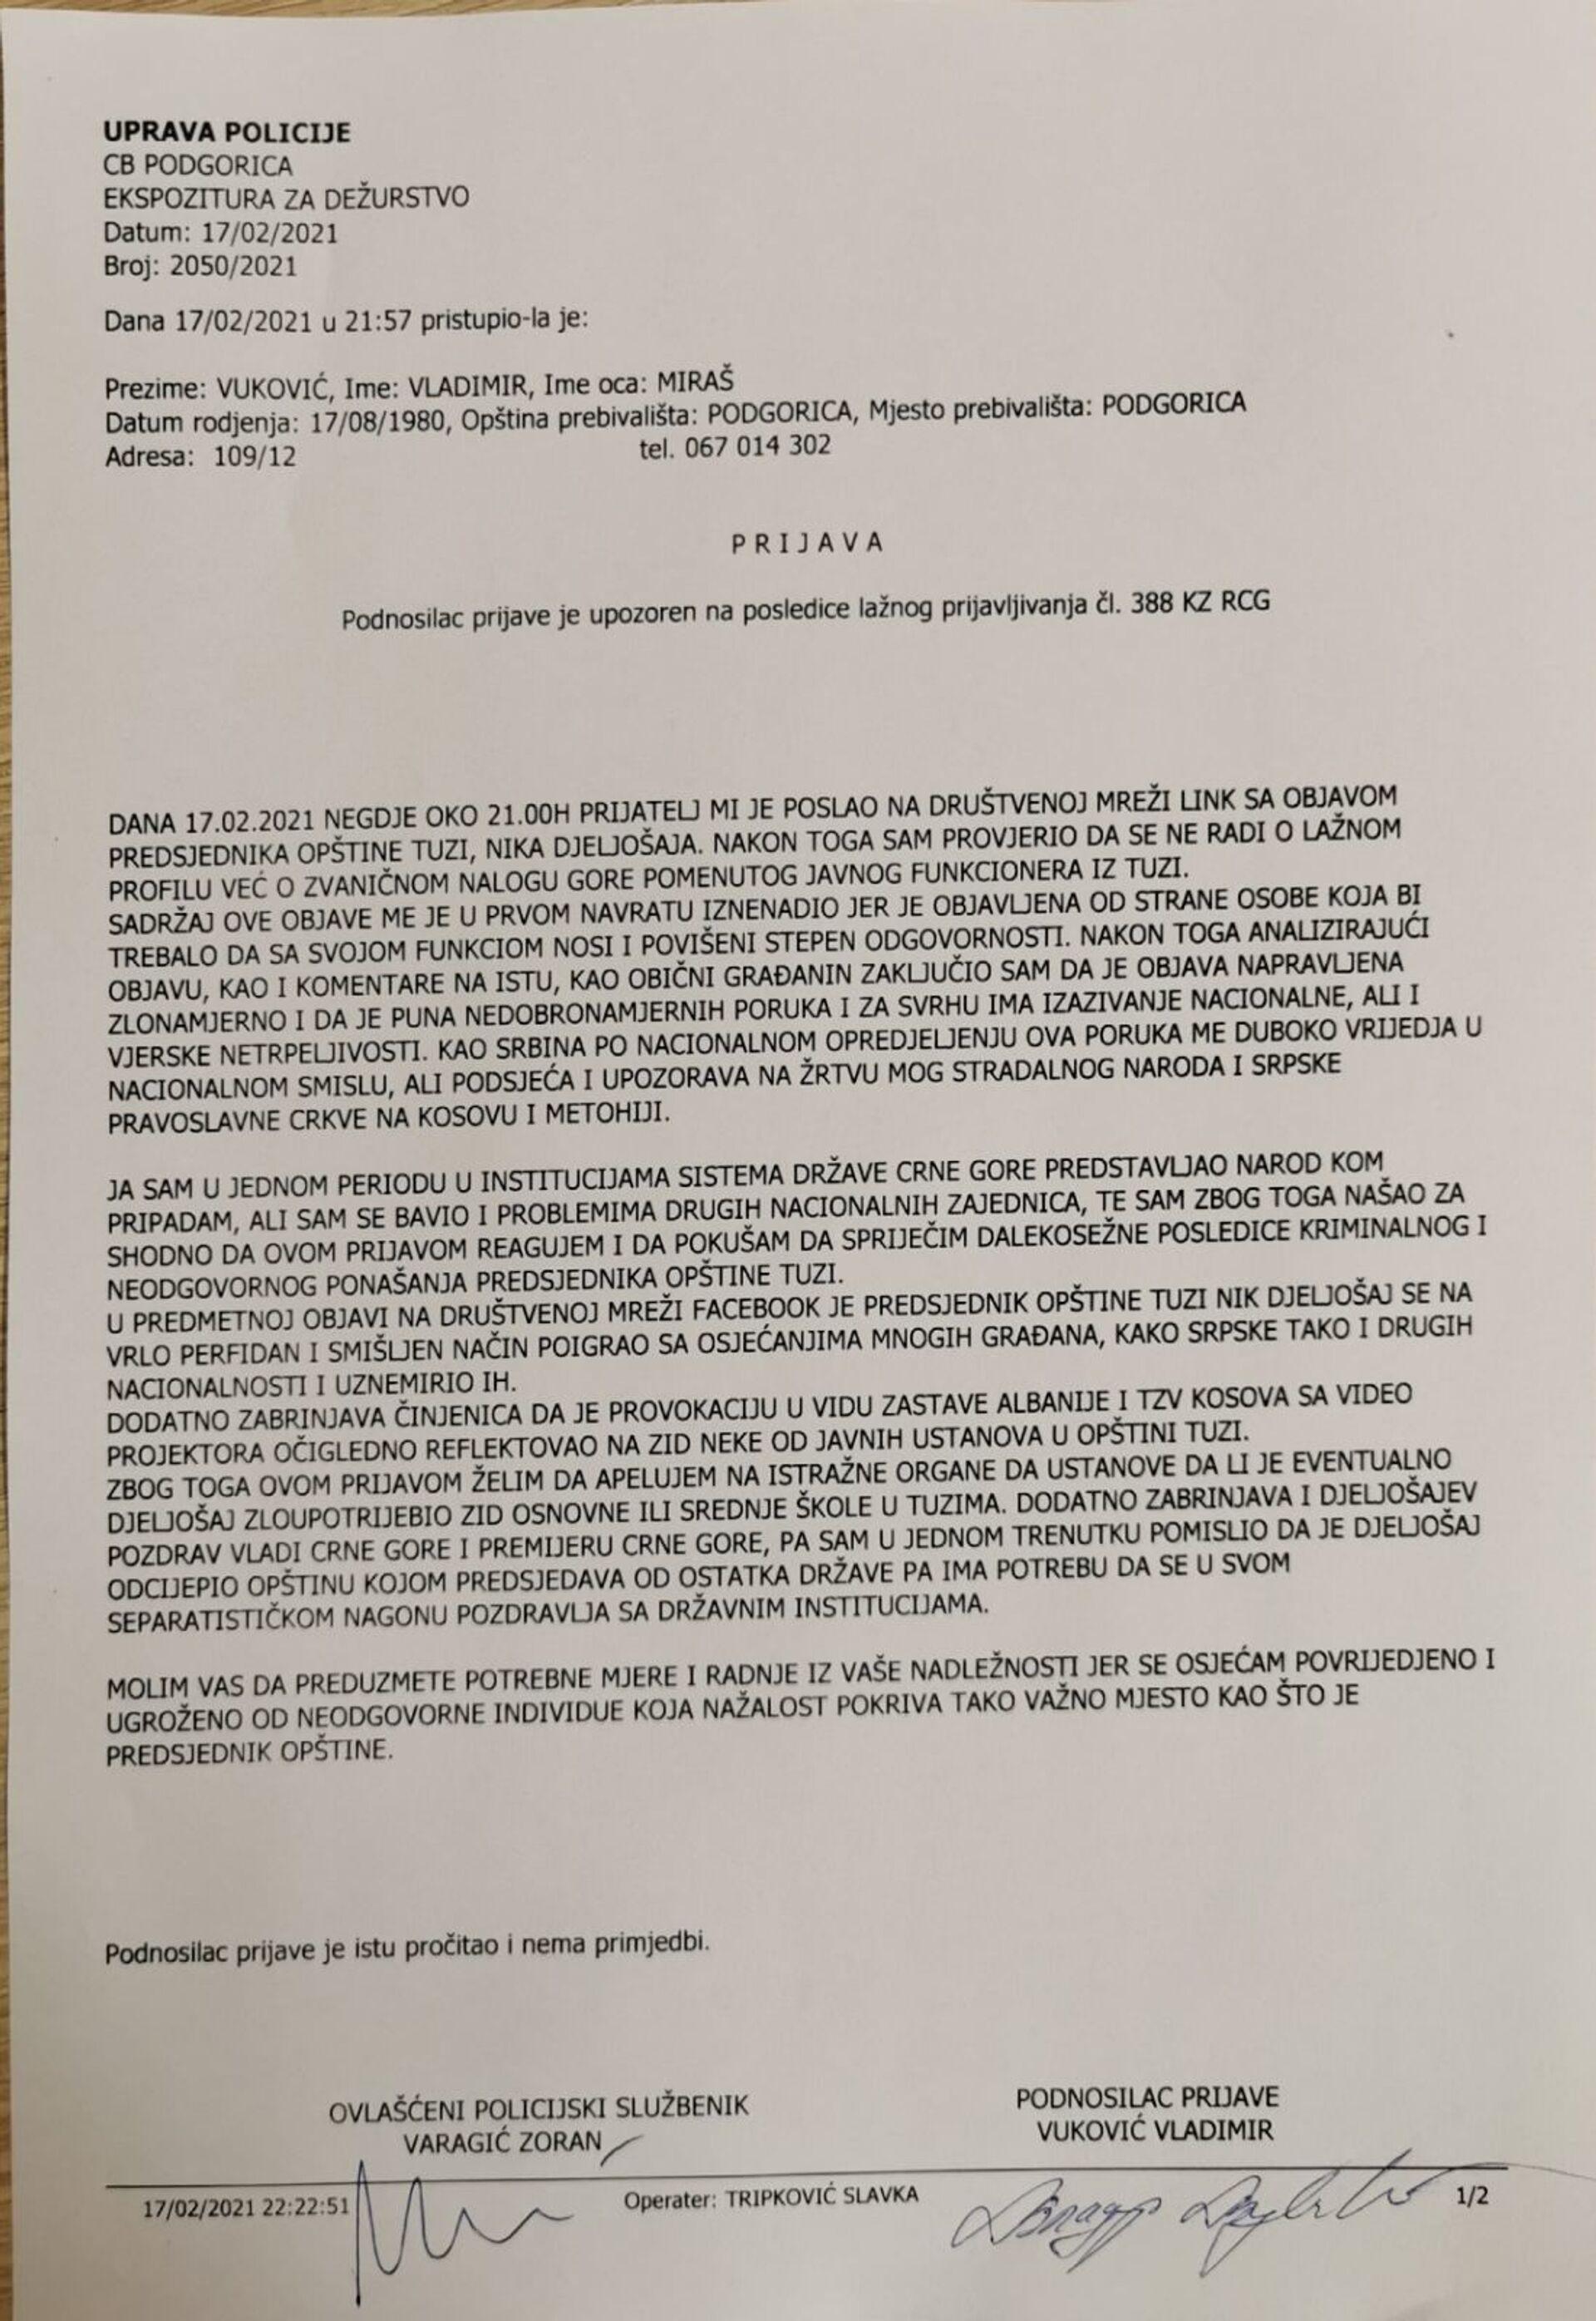 """Provokacija iz Tuzi: Predsednik opštine """"pozdravio"""" Krivokapića zastavama Albanije i tzv. Kosova - Sputnik Srbija, 1920, 17.02.2021"""